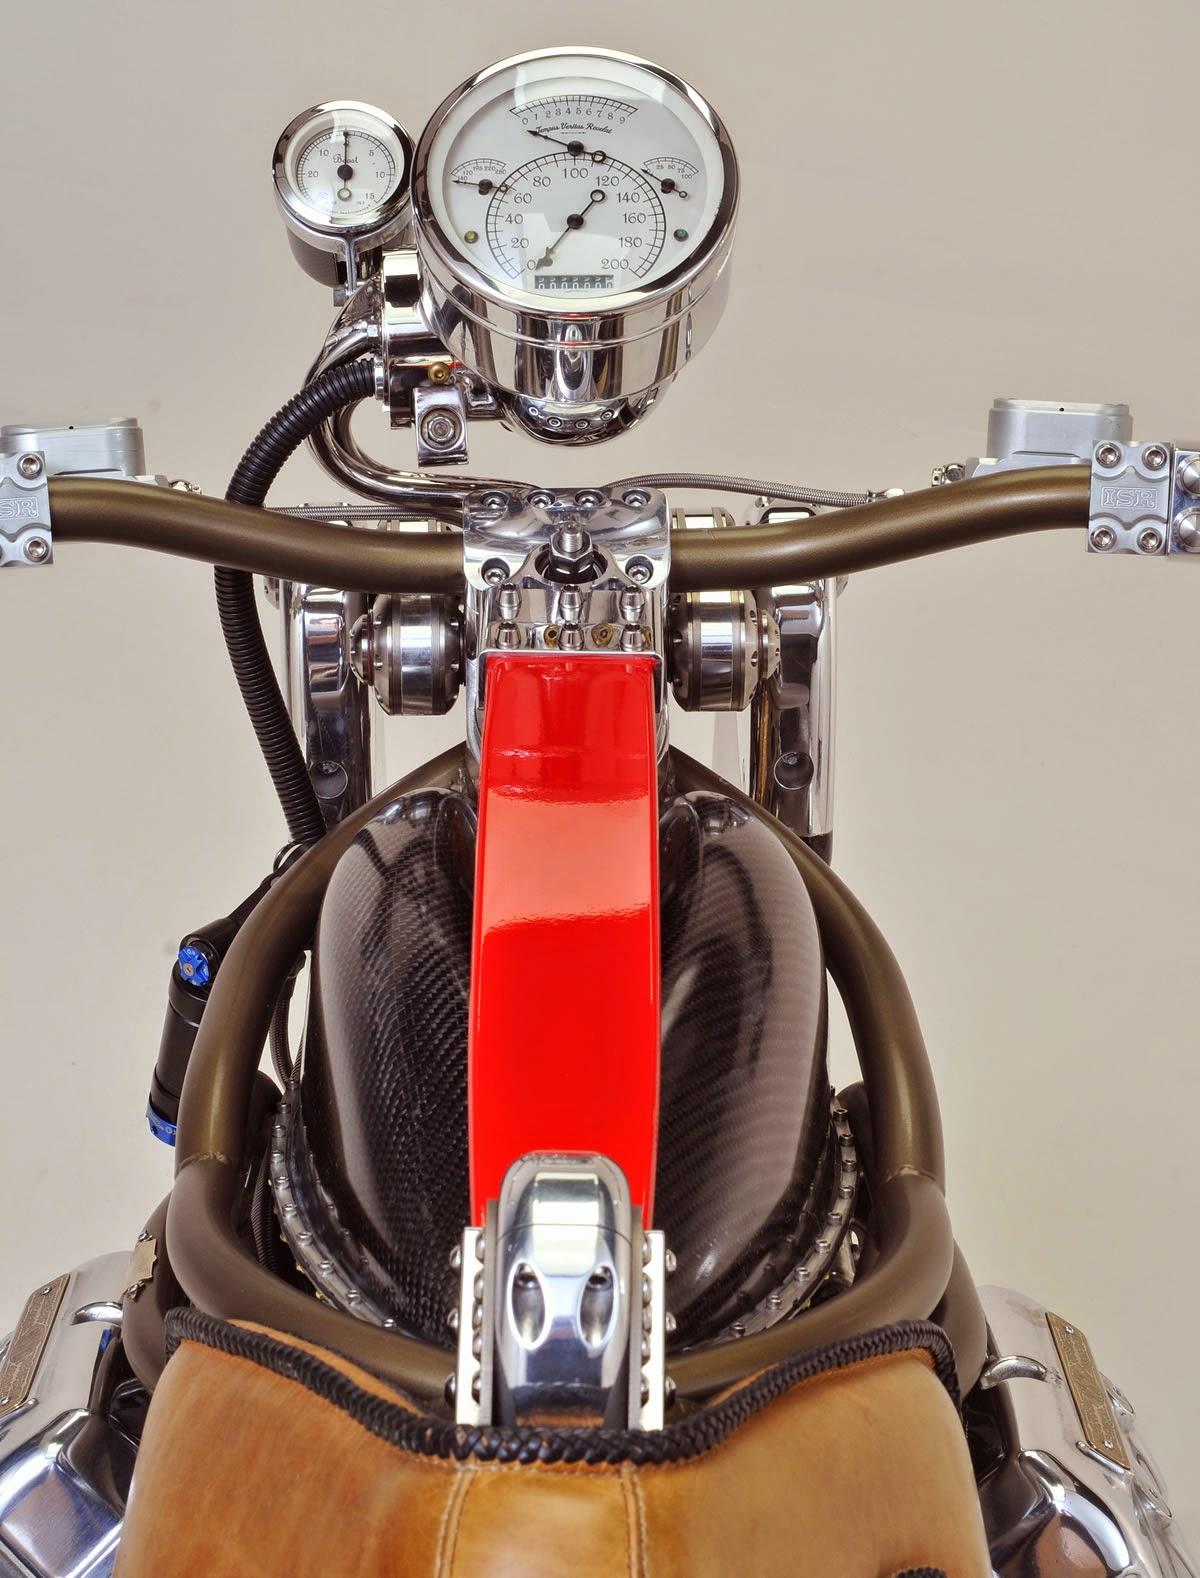 Bienville Motorcycle Designed by JT Nesbitt